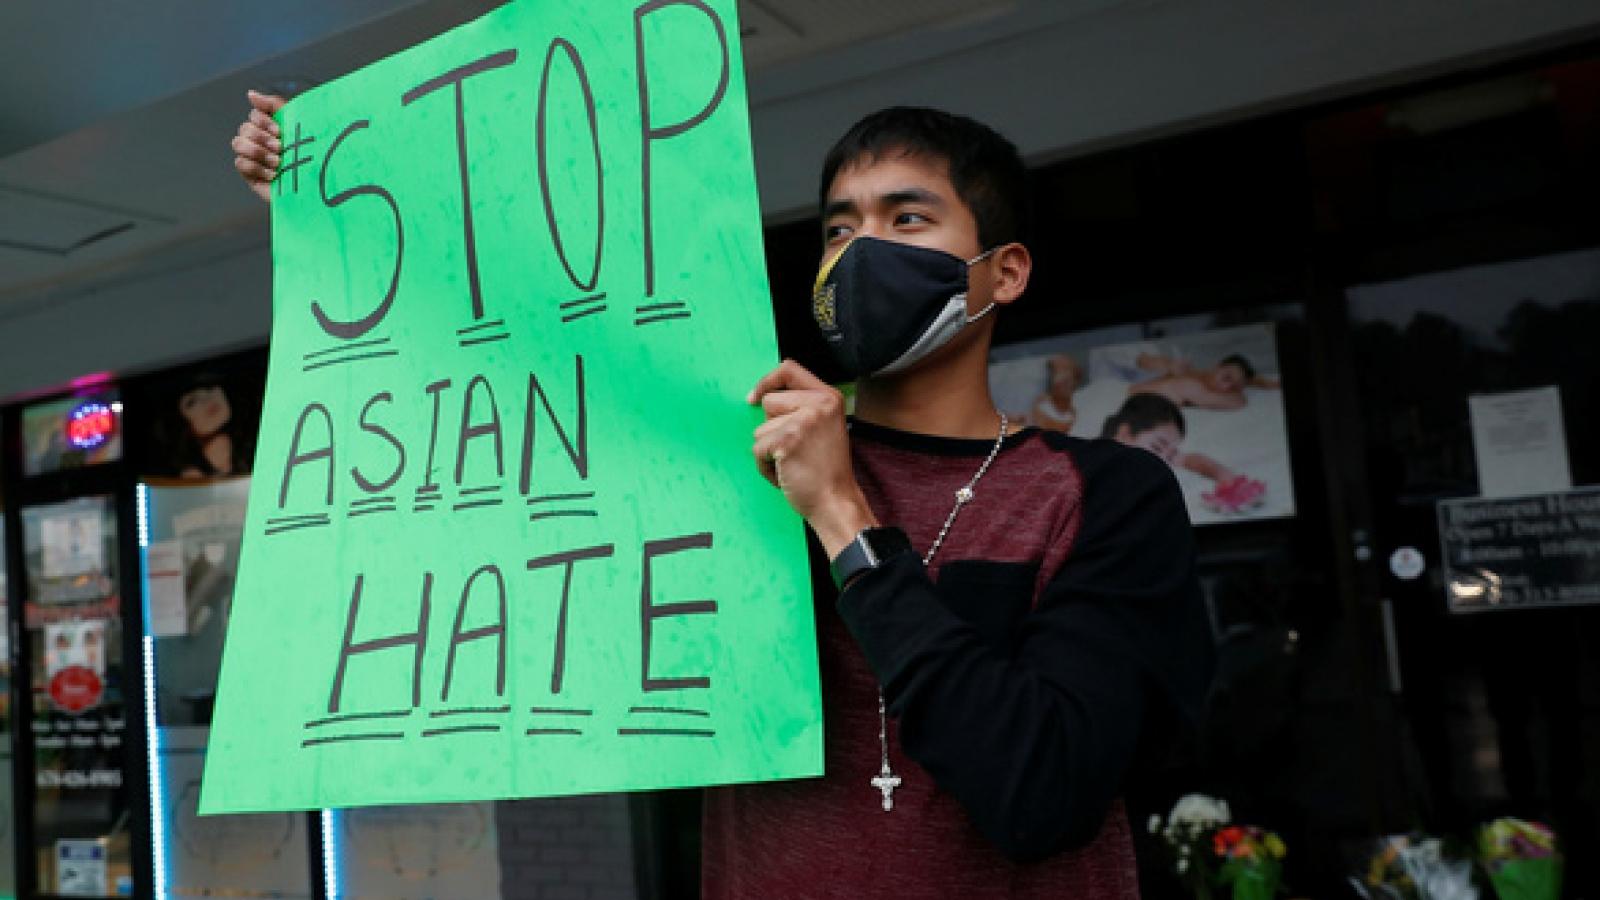 Lịch sử kỳ thị và bạo lực đối với người gốc Á ở Mỹ